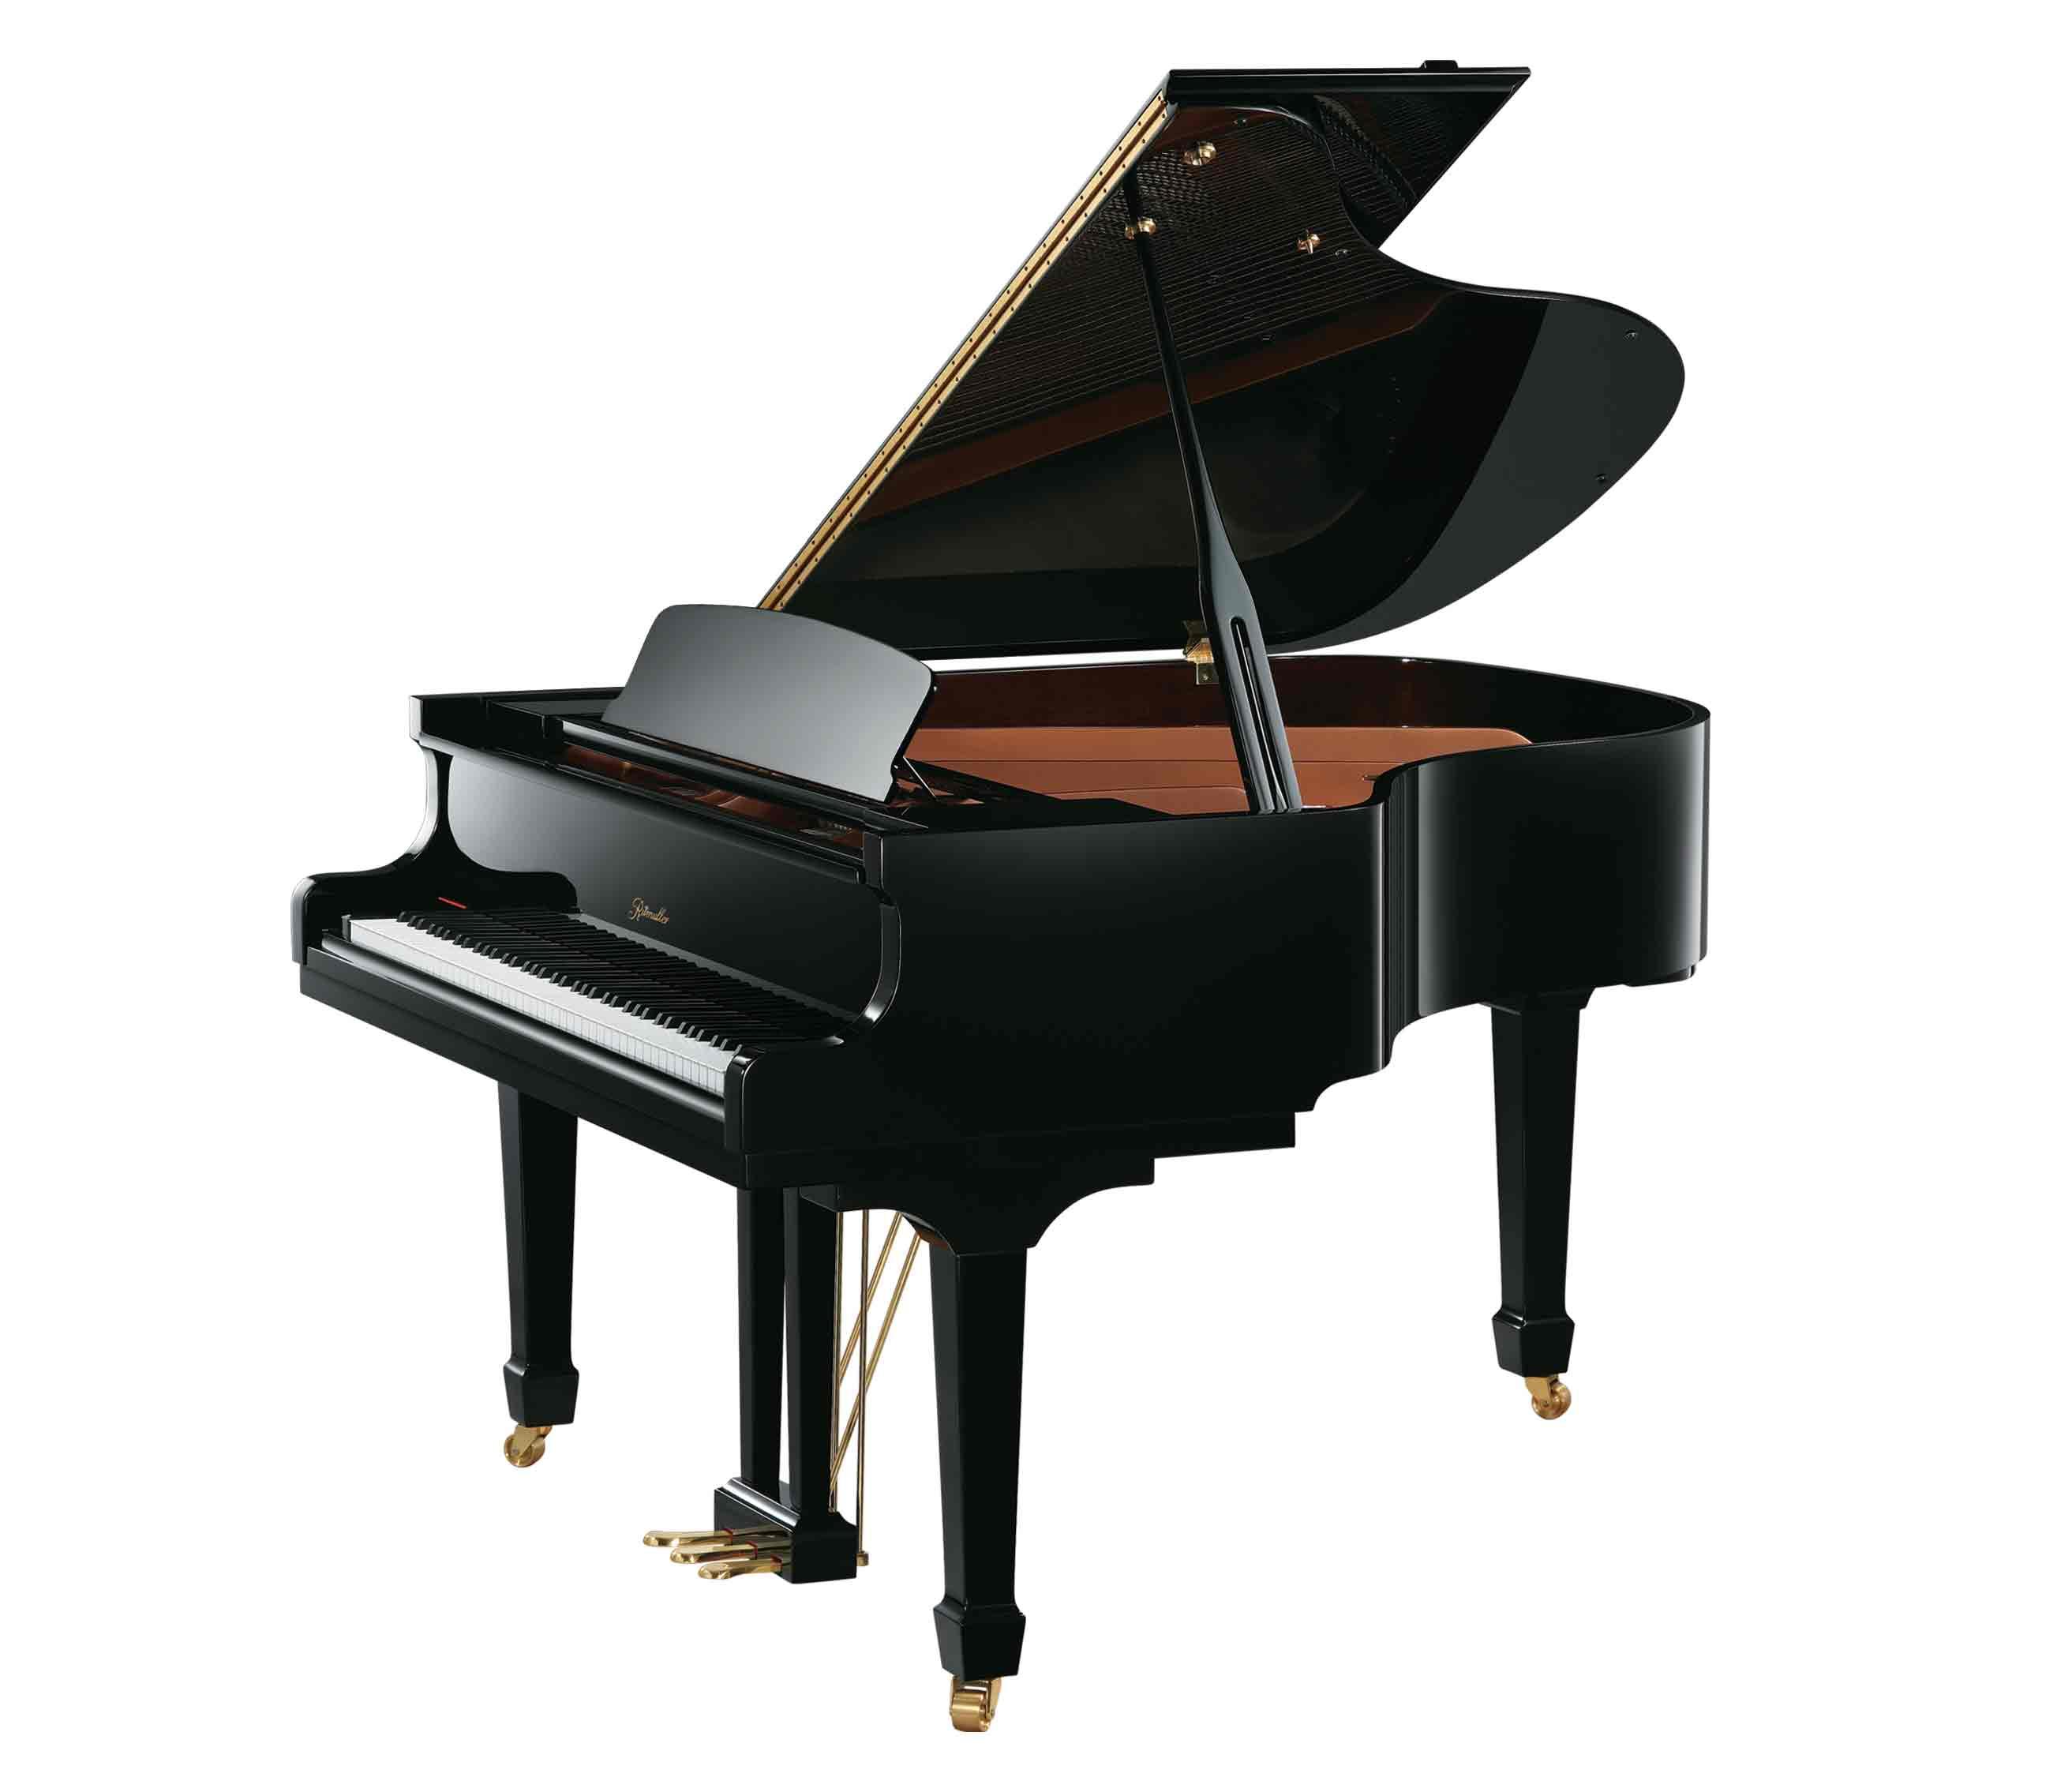 Ritmüller GH160R Medium Grand Piano in Ebony Polish finish